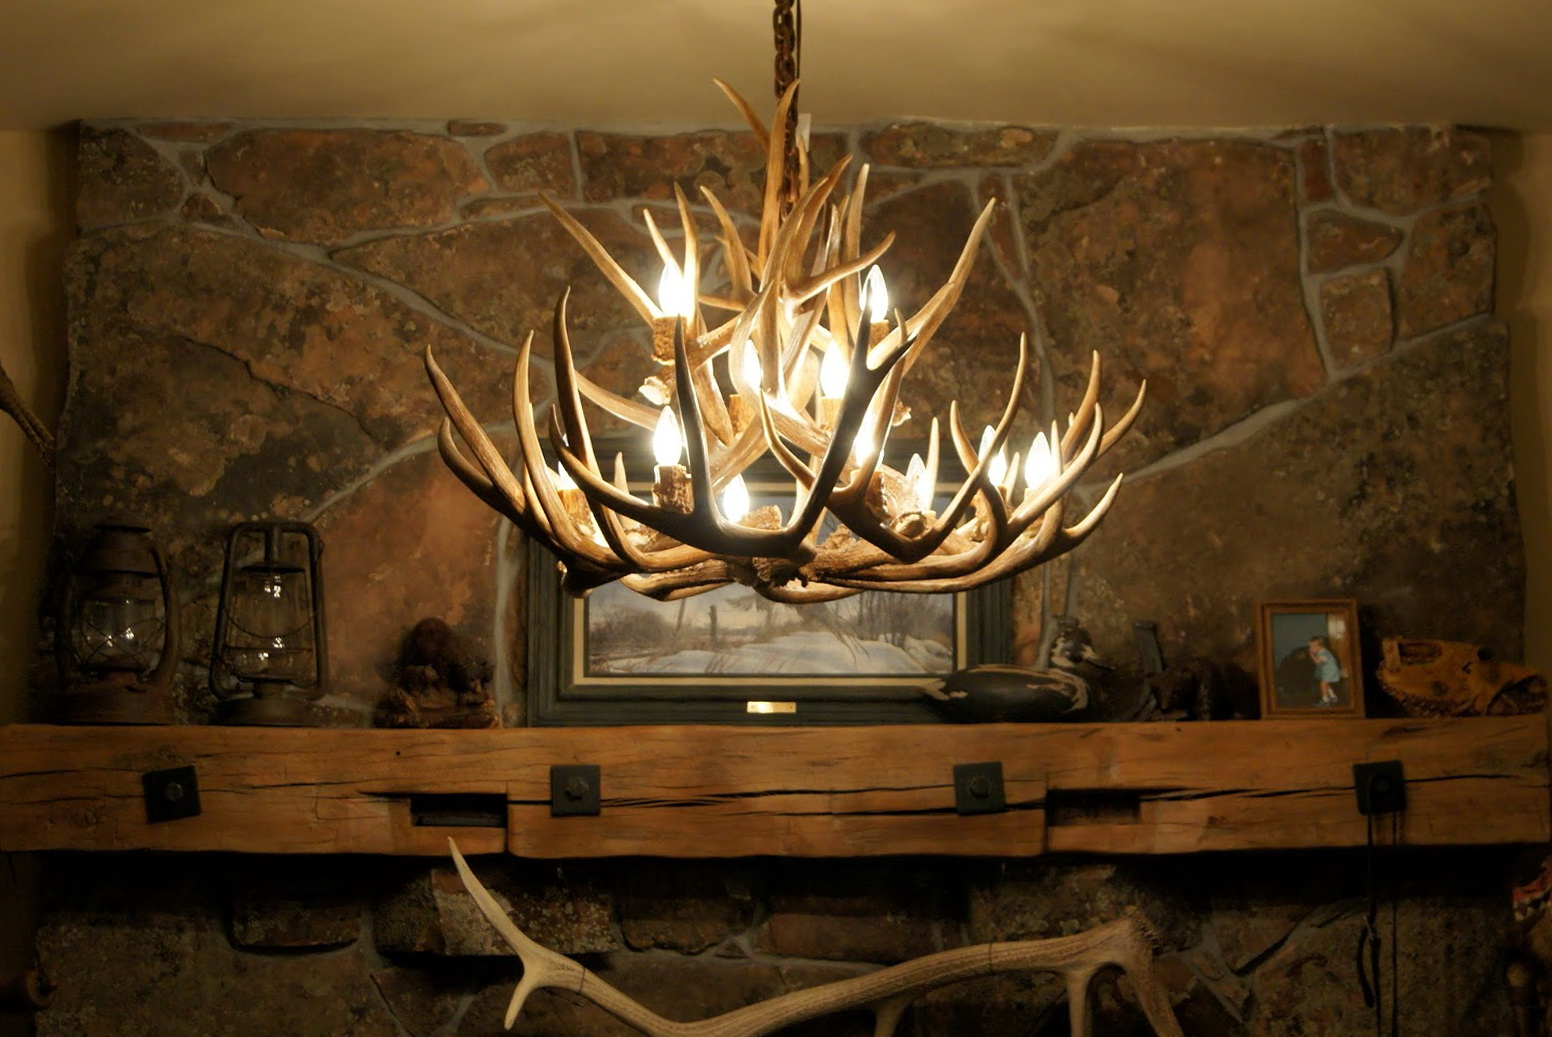 Diy deer antler chandelier home design ideas diy deer antler chandelier mozeypictures Choice Image